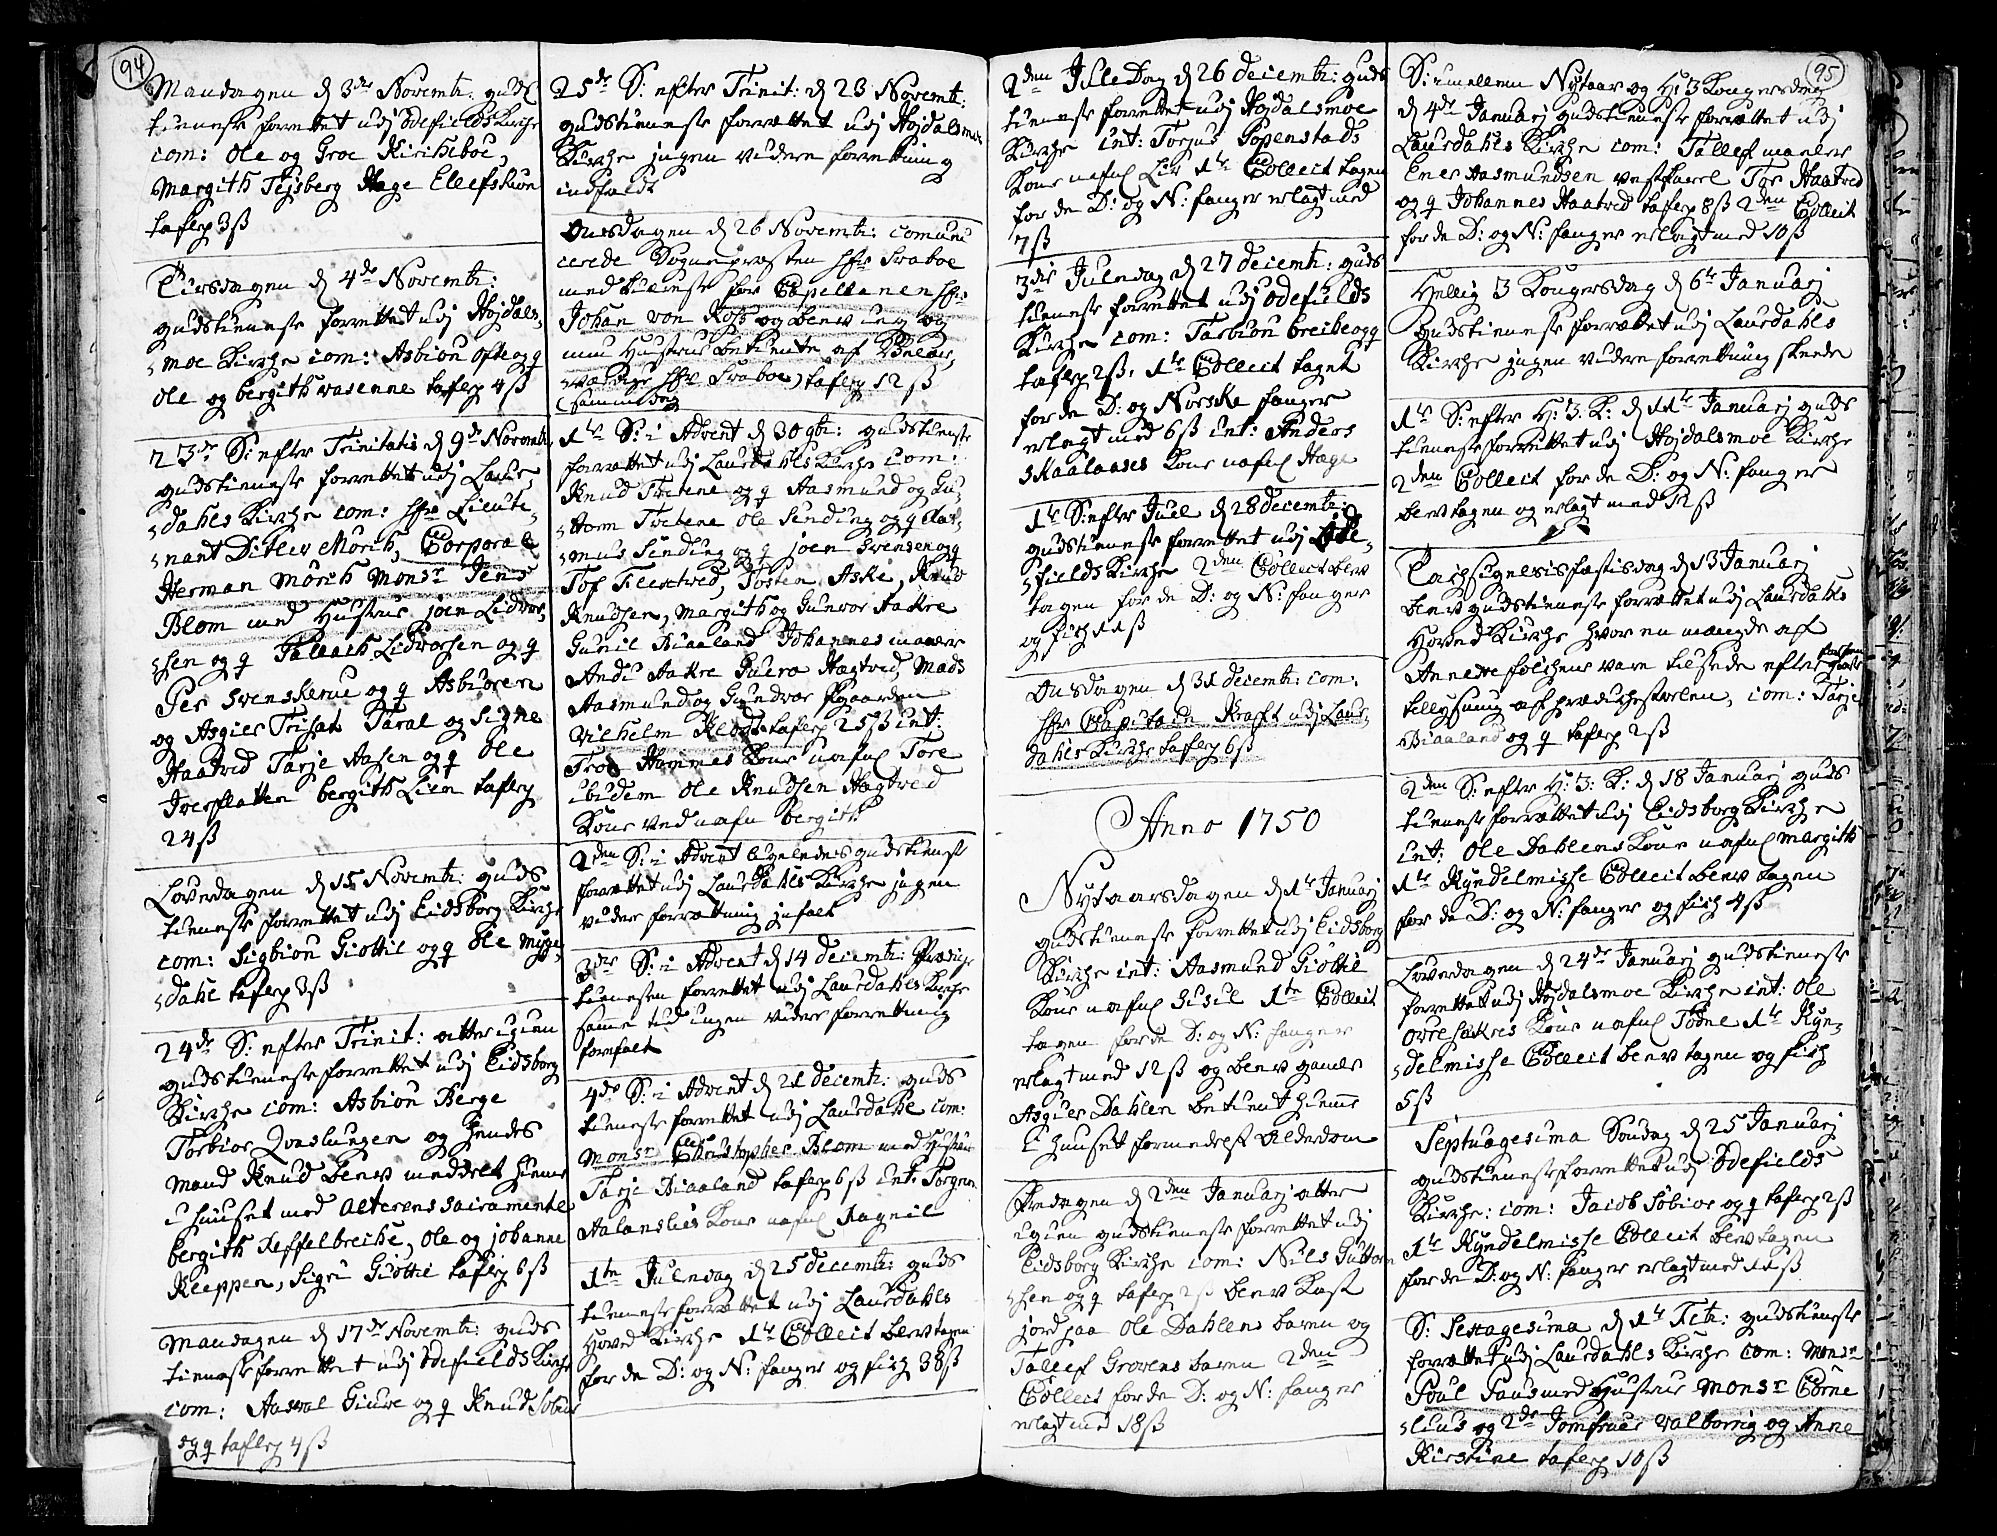 SAKO, Lårdal kirkebøker, F/Fa/L0002: Ministerialbok nr. I 2, 1734-1754, s. 94-95